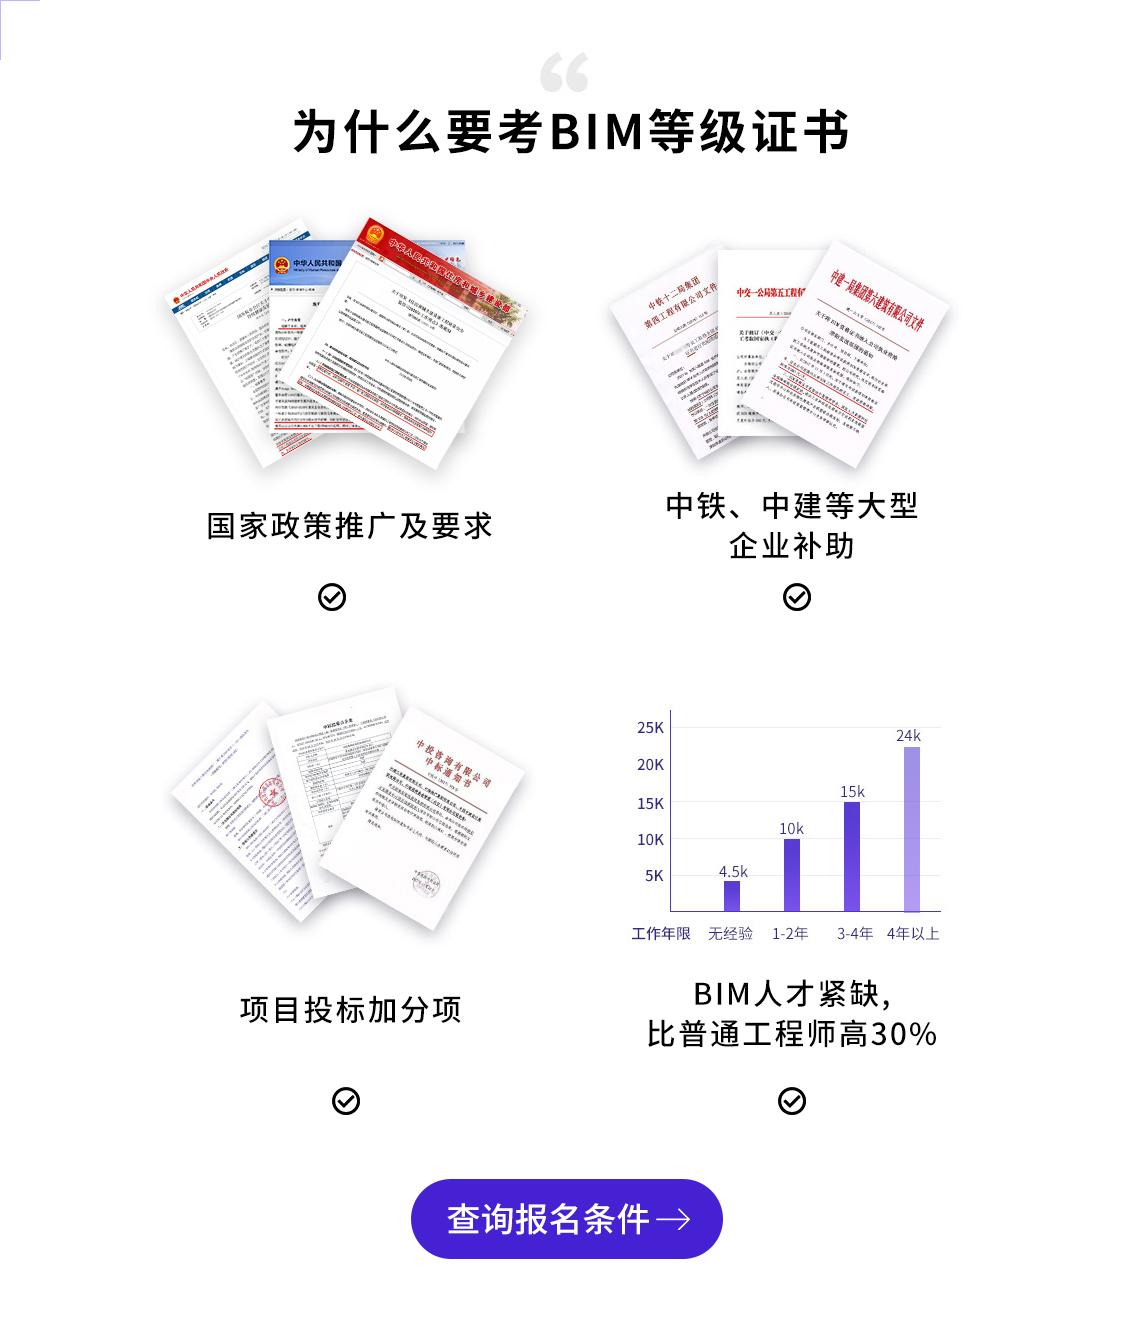 为什么要考BIM等级证书?考BIM证书优势大,工程师、设计师、甲方和学生都适合考。人社部和图学会BIM证书全国通用。